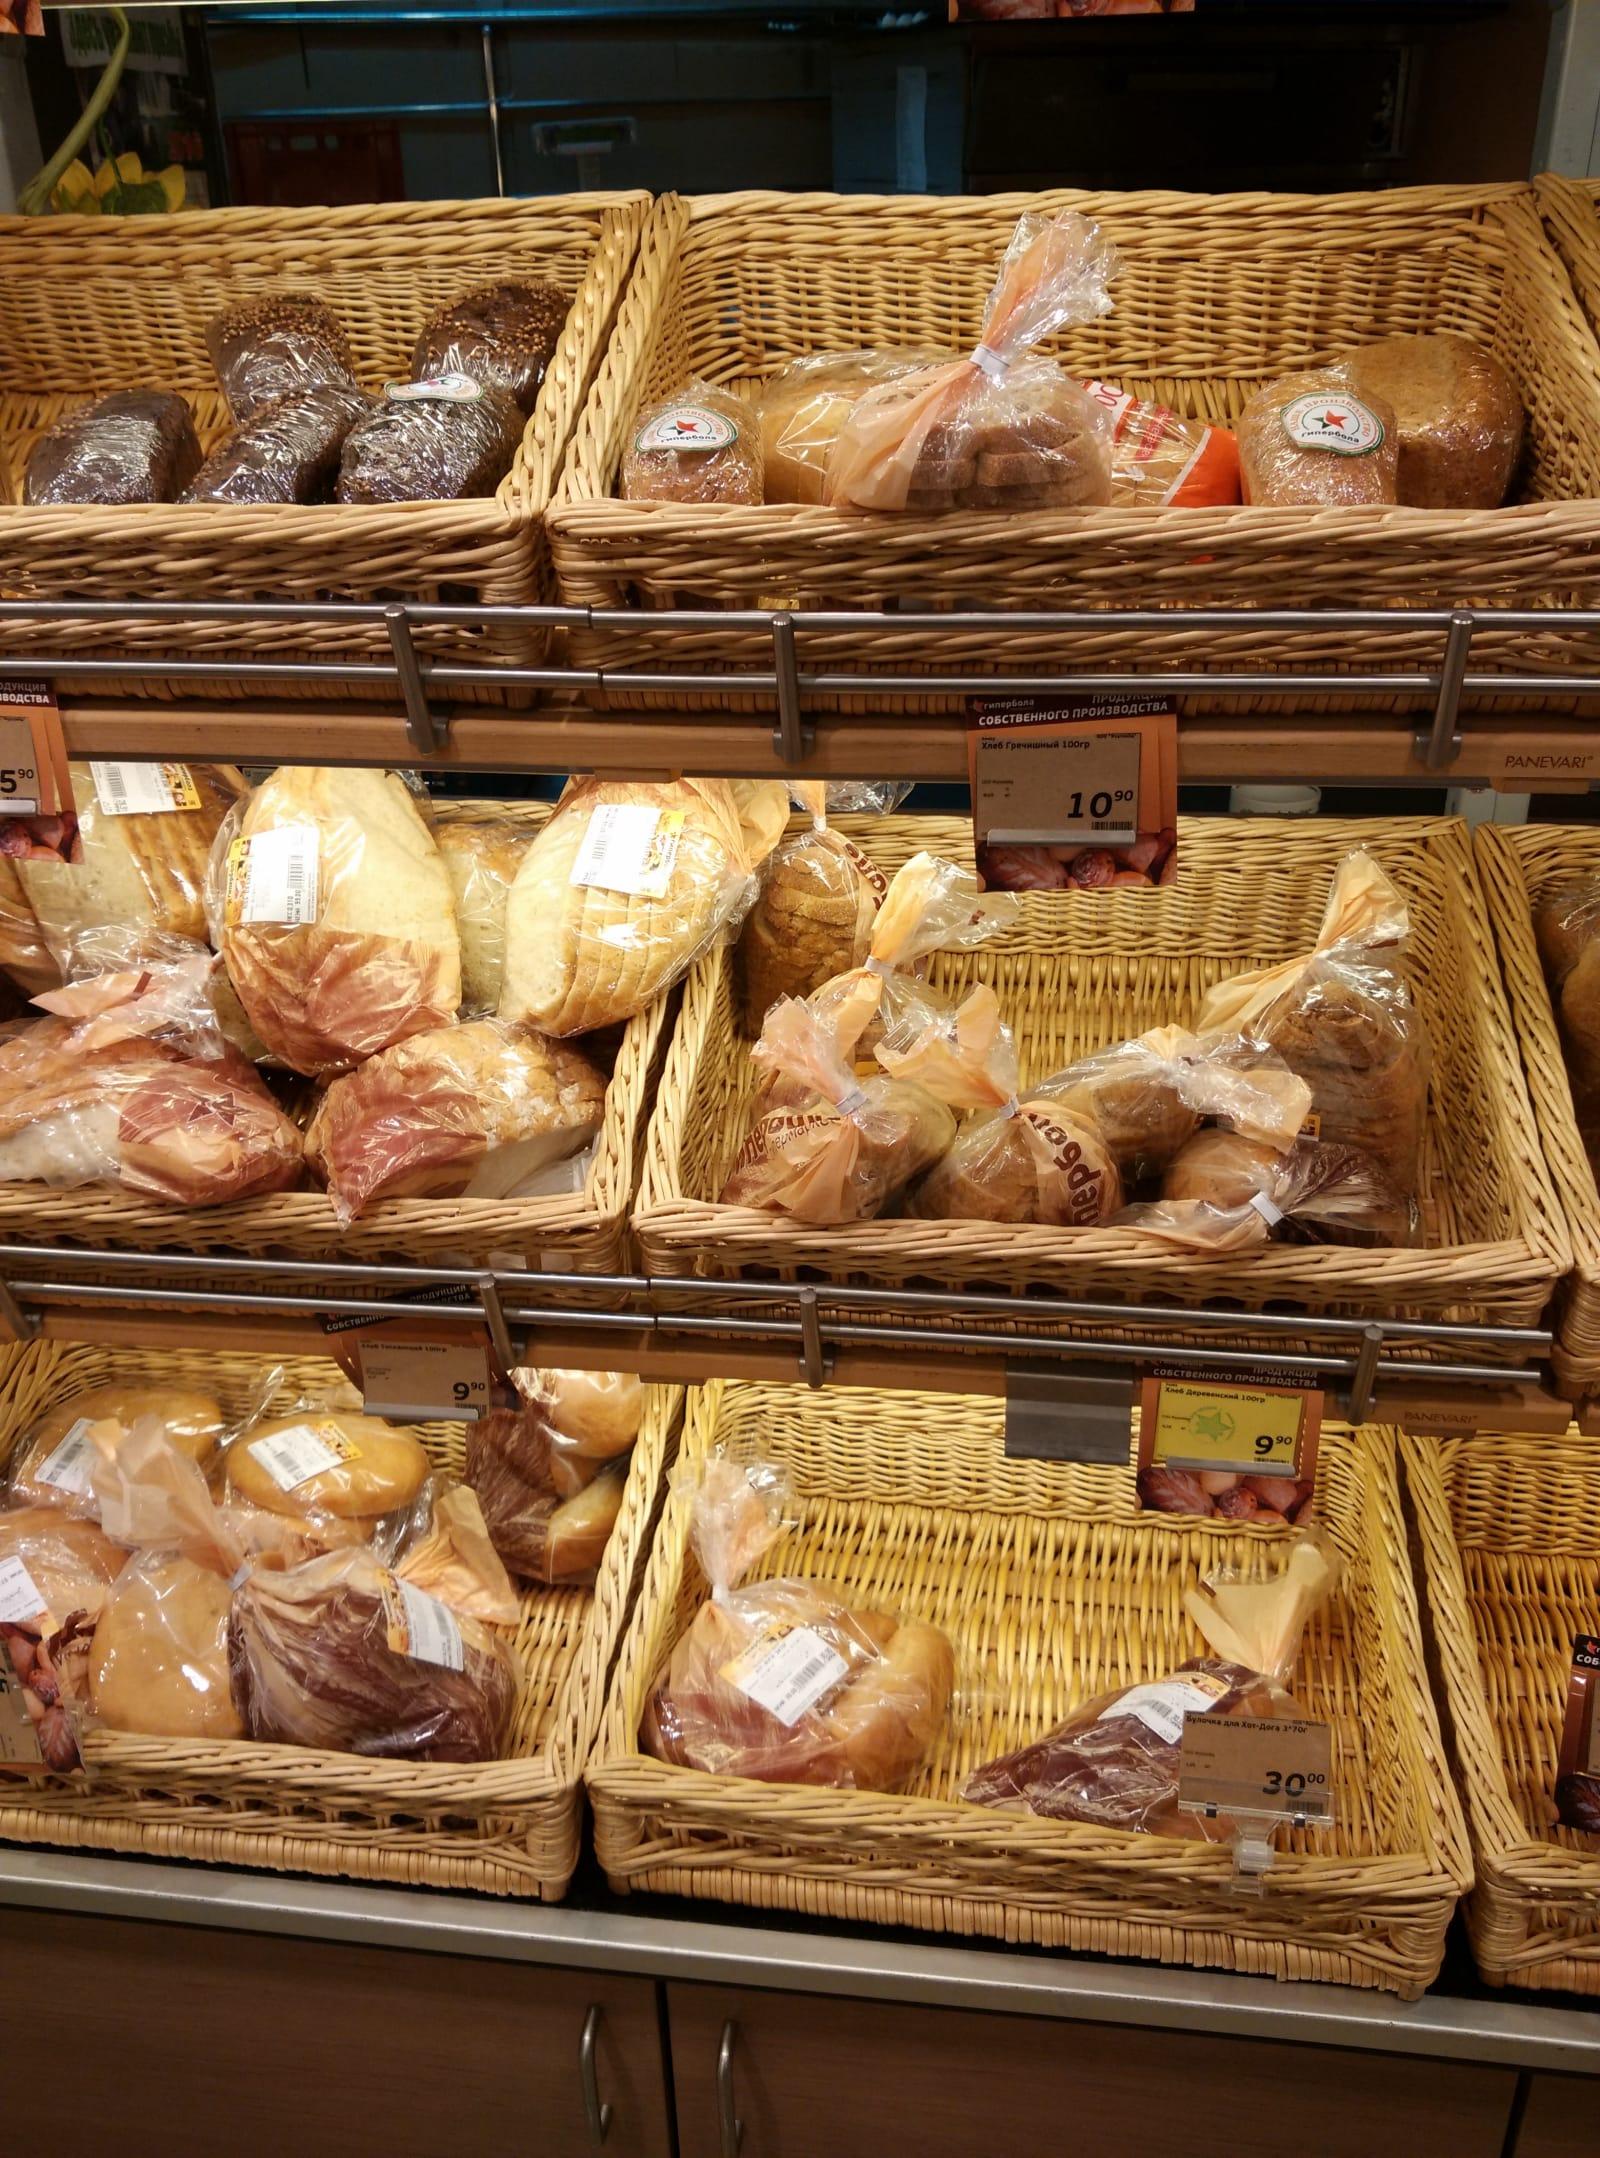 俄罗斯超市面包|俄罗斯留学物价|俄罗斯超市物价|俄罗斯留学